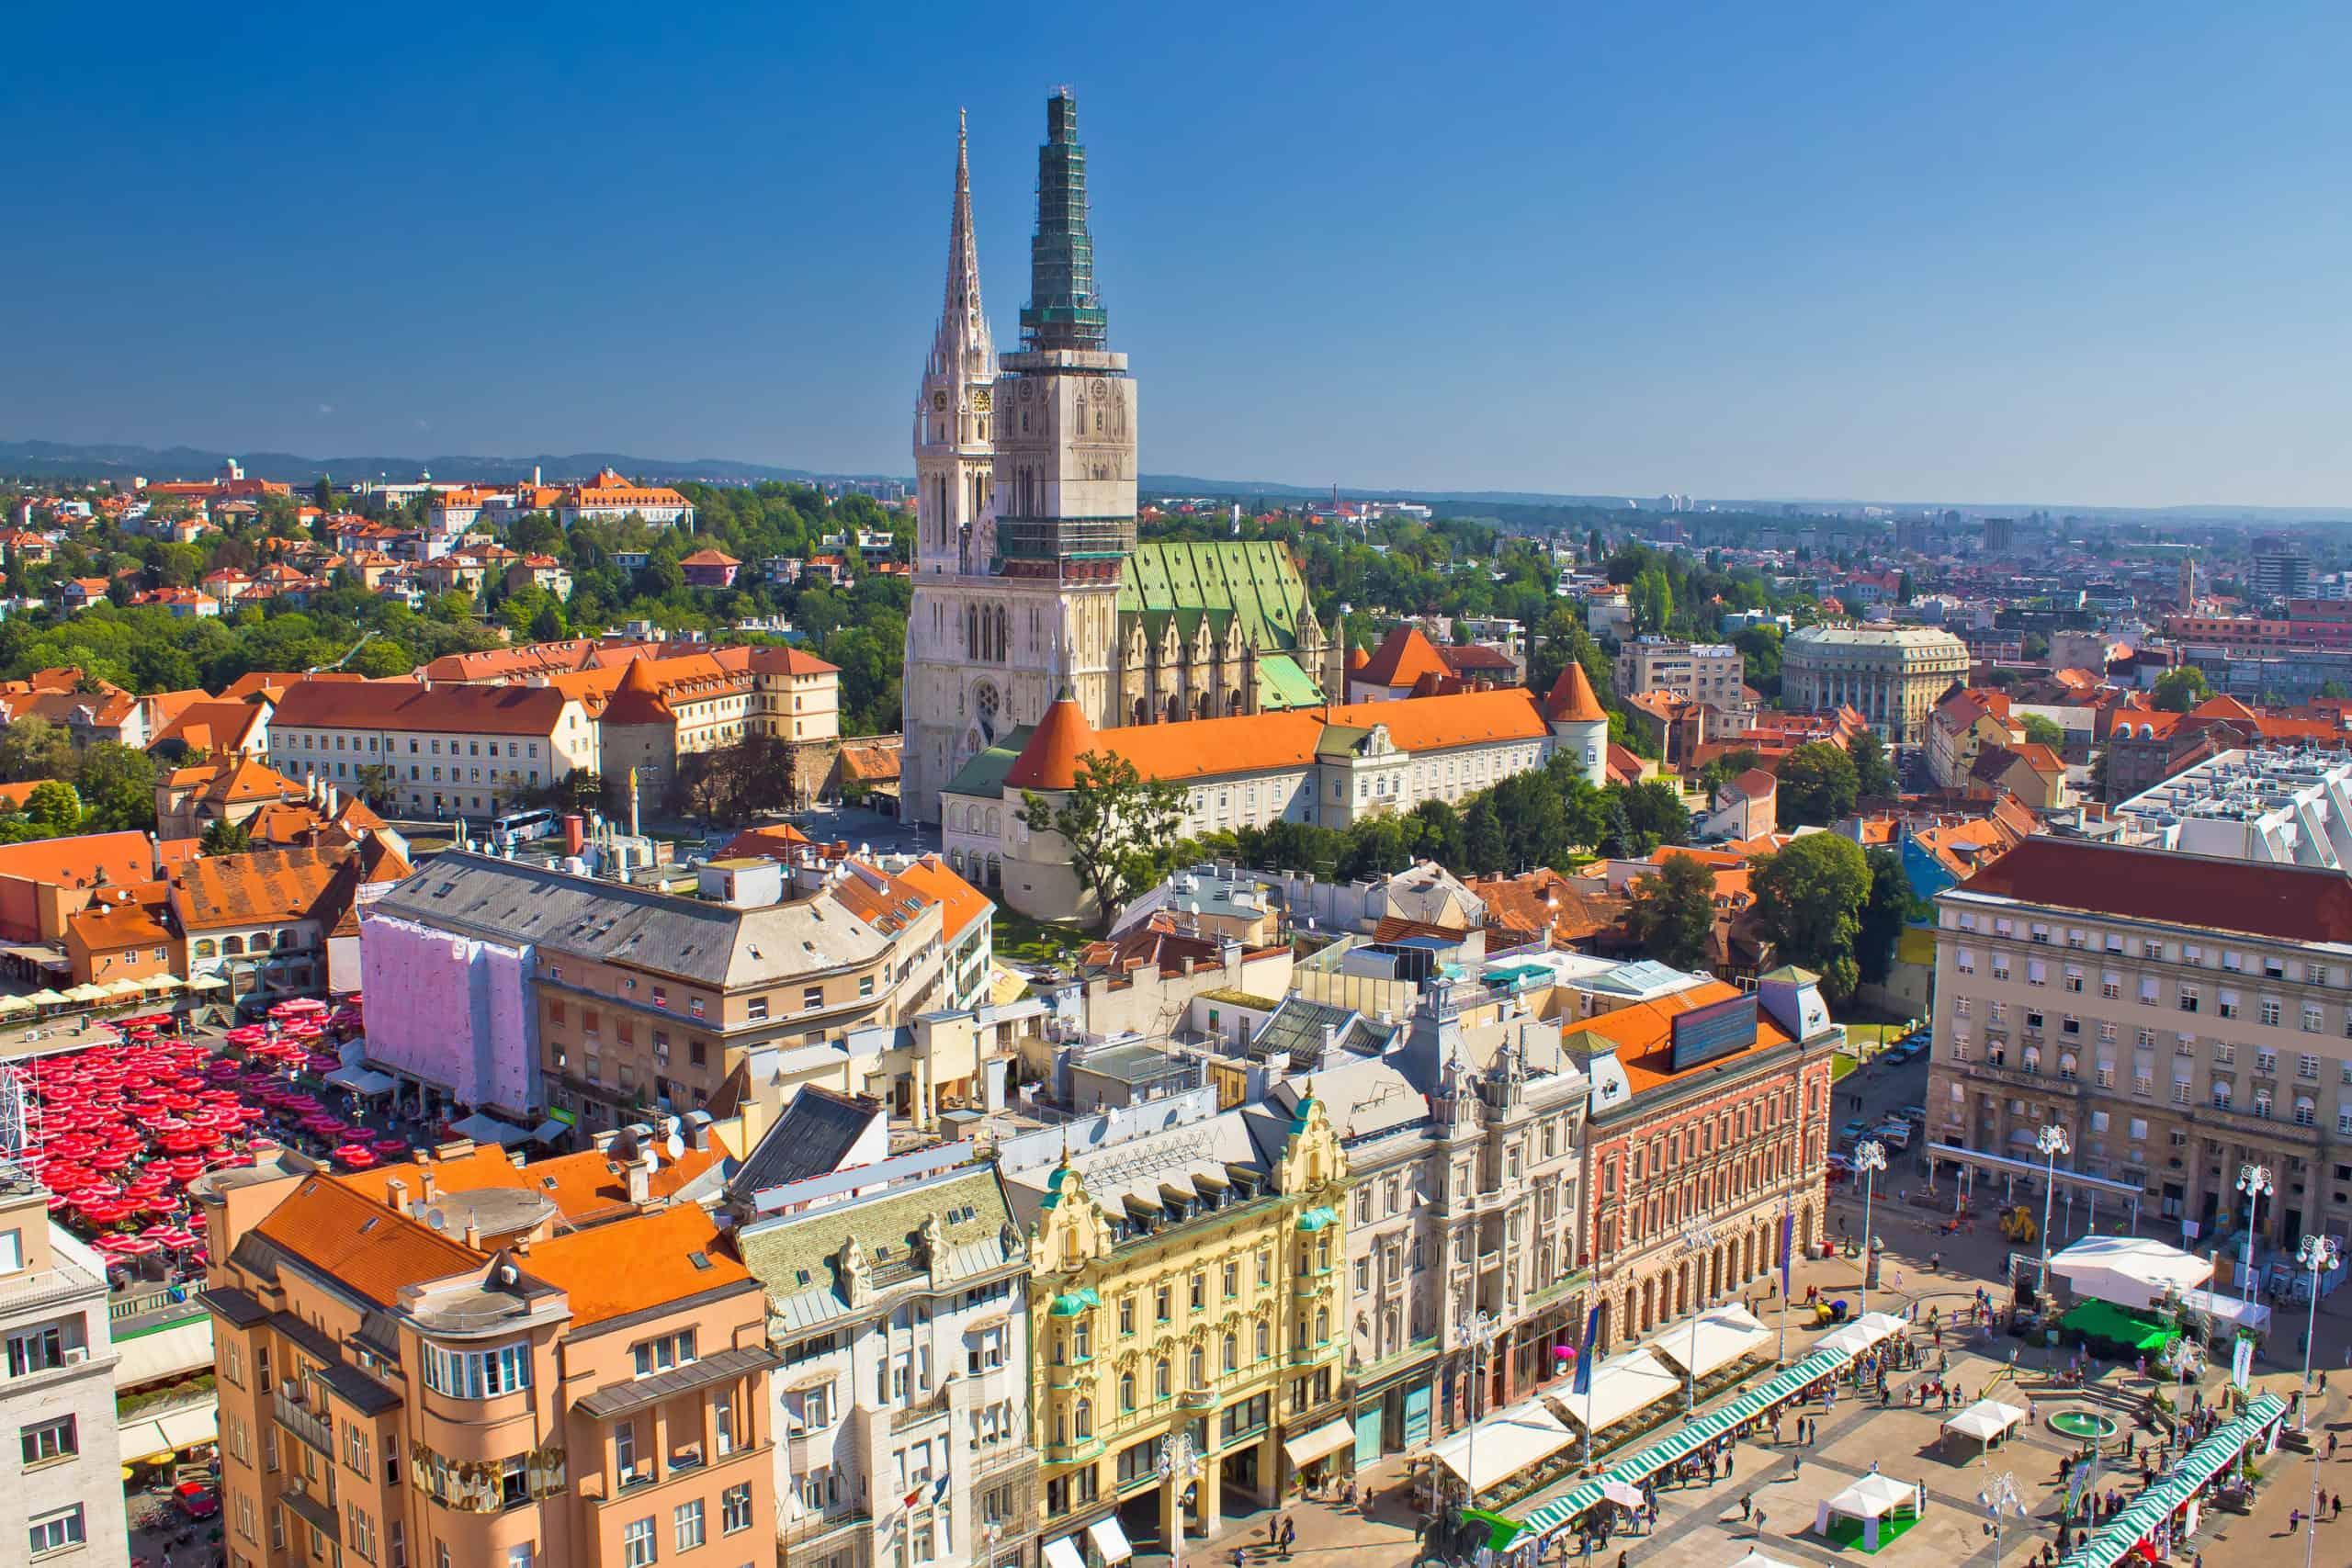 Croacia abre sus fronteras y se presenta como un destino seguro para viajar cuando acabe el coronavirus 2